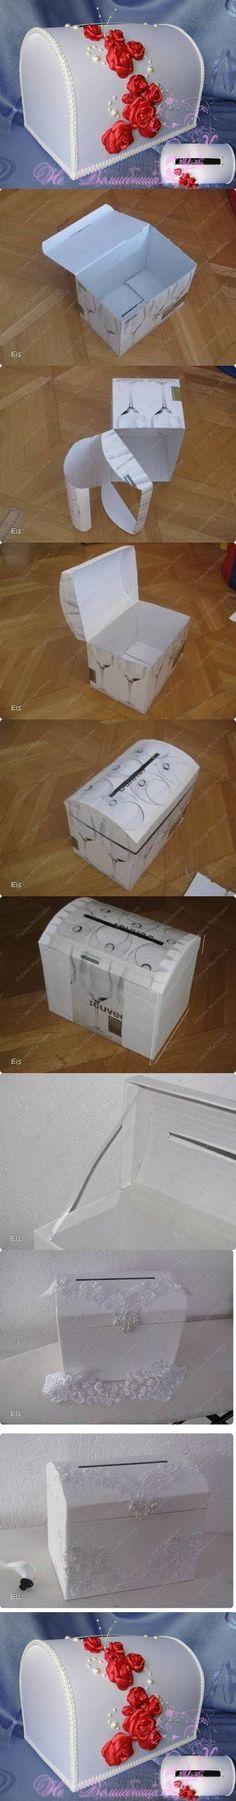 DIY Cardboard Box Art